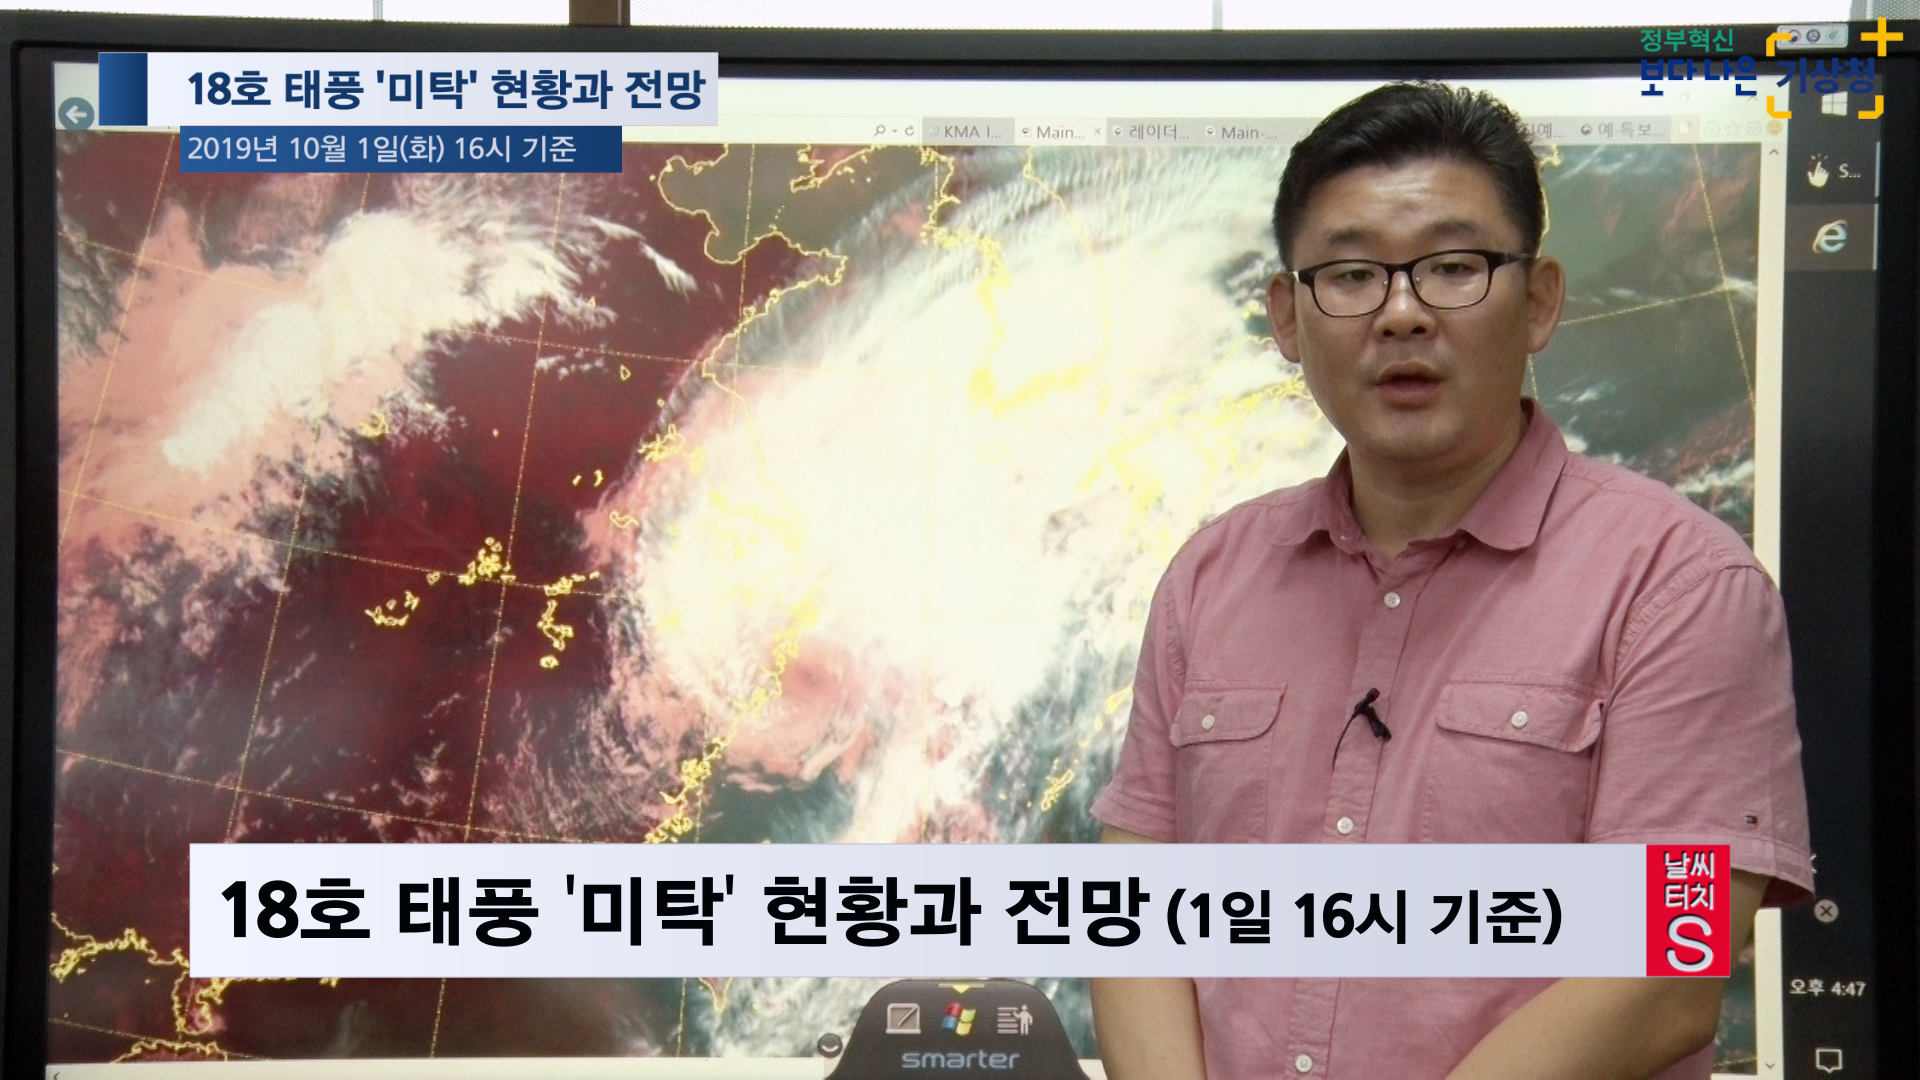 18호 태풍 미탁 현황과 전망(1일 16시 기준)